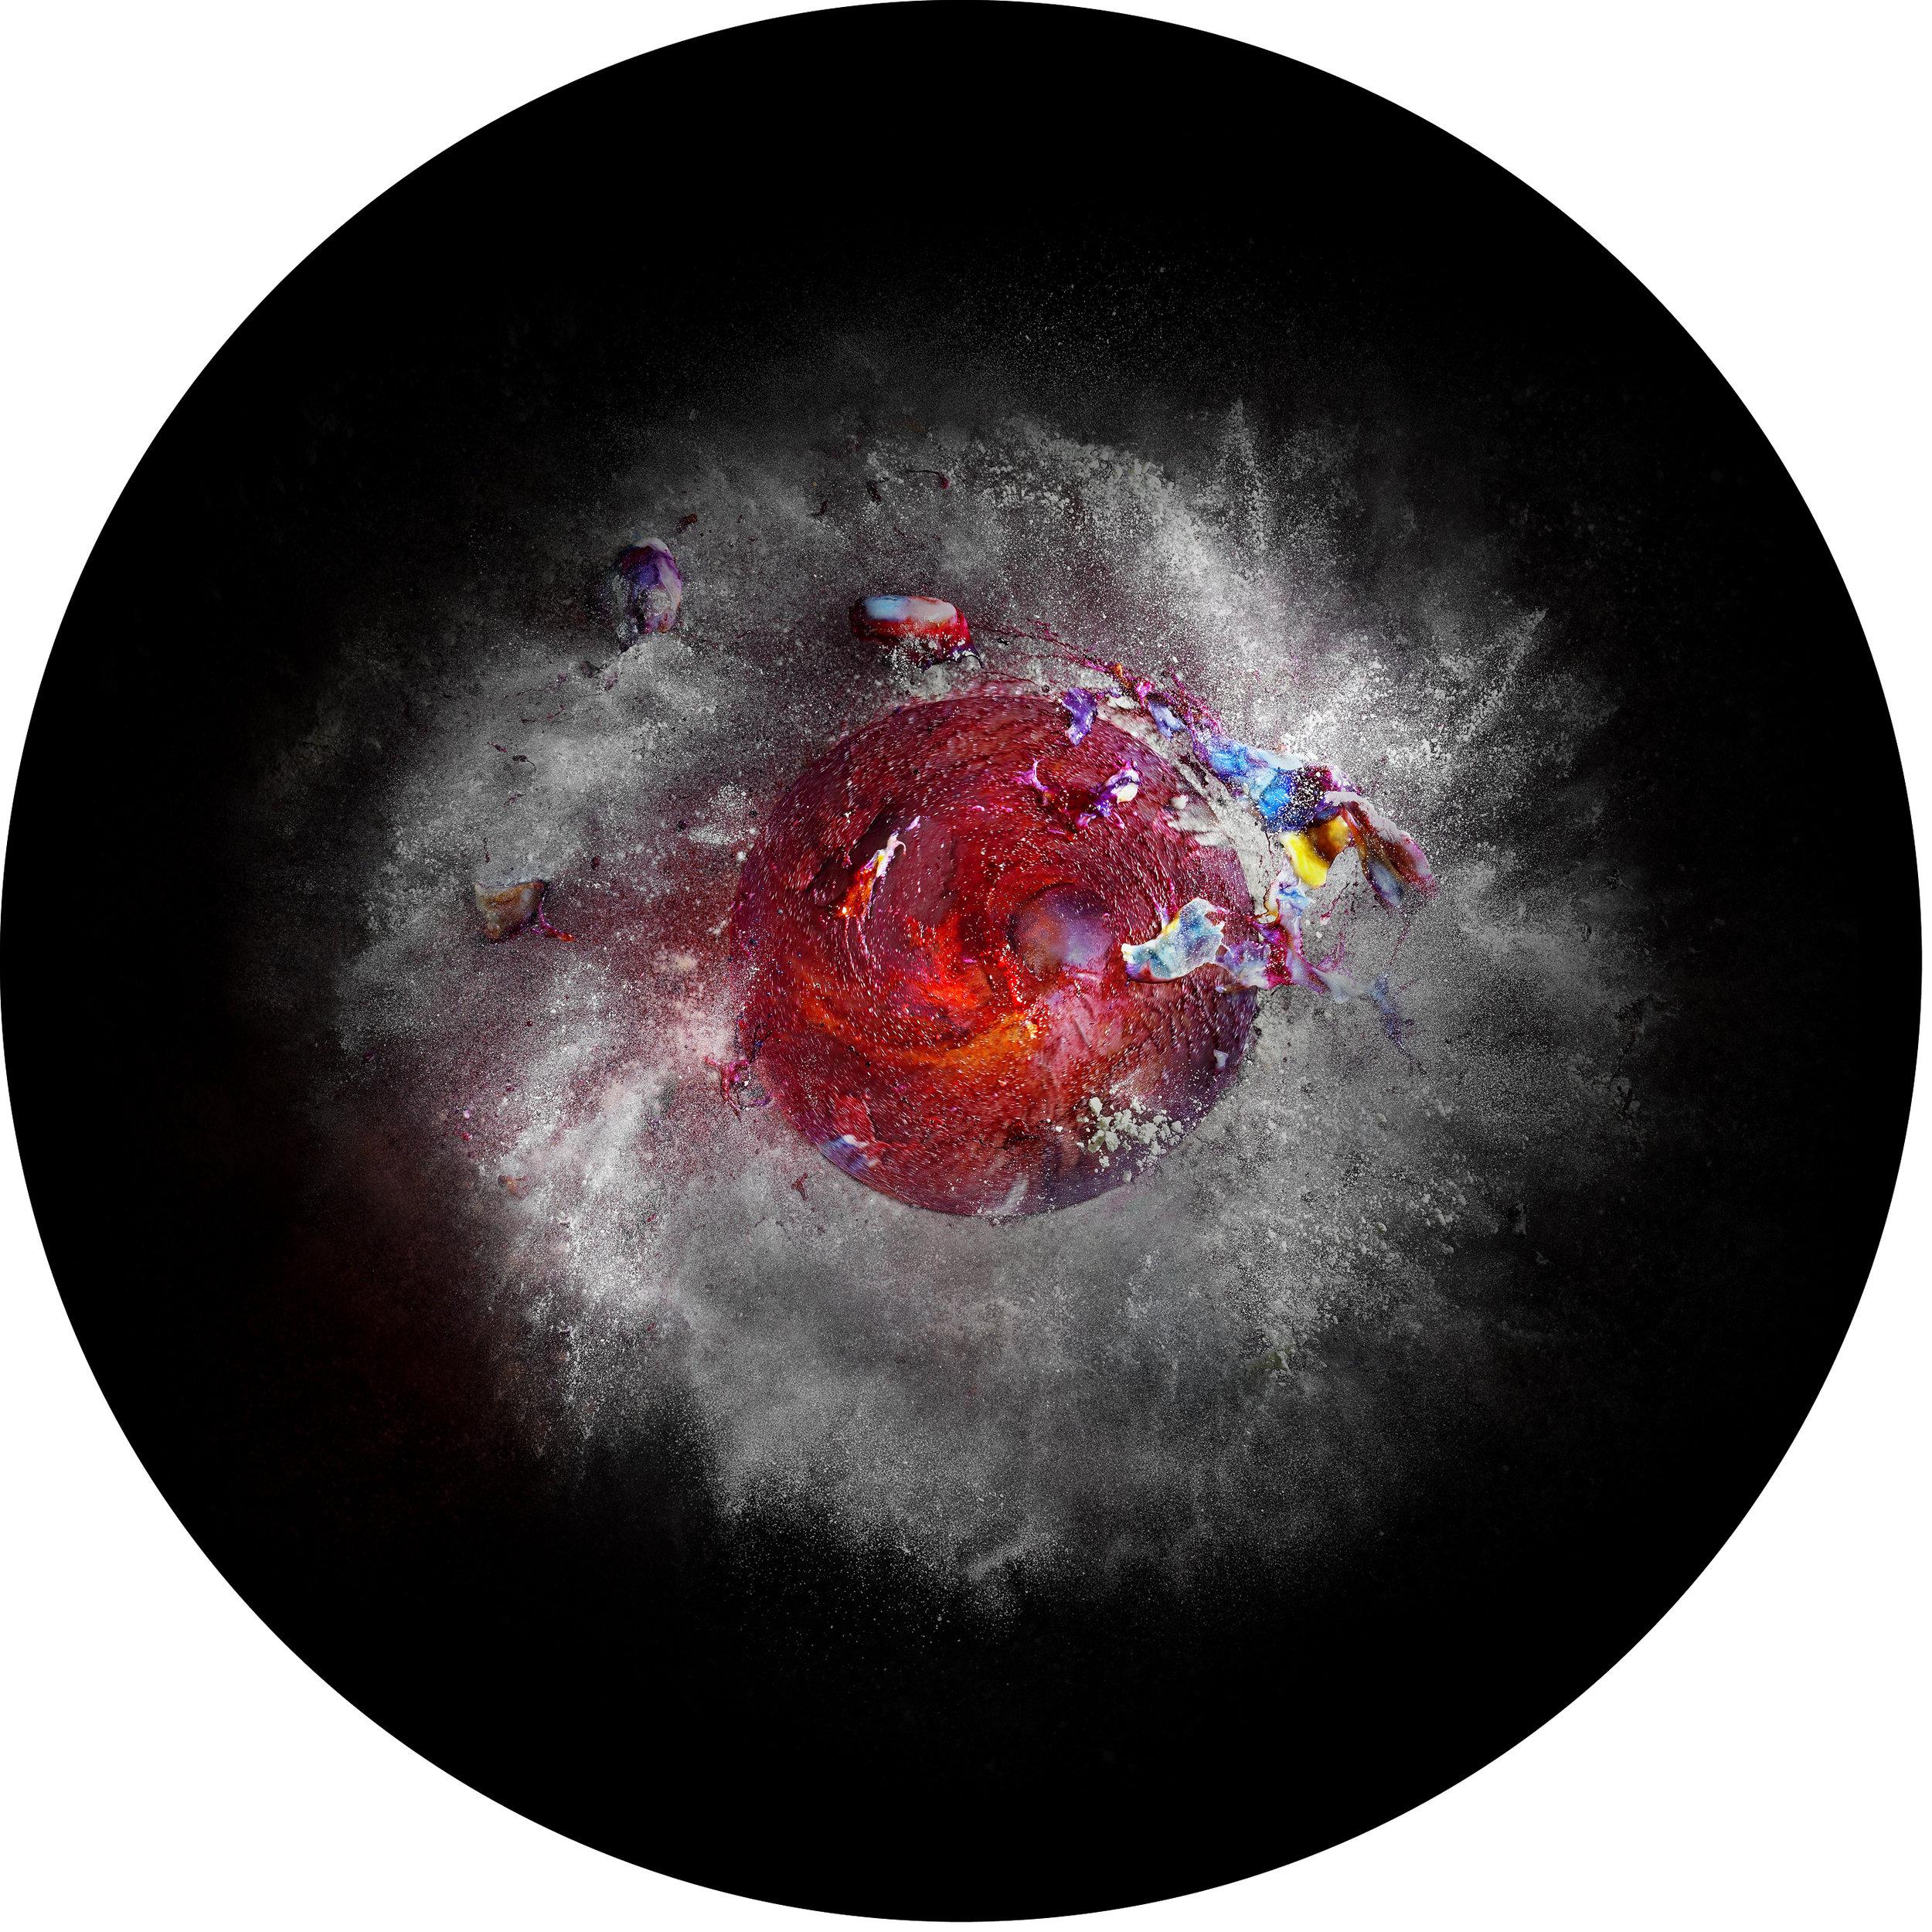 Nebula  Luminária: Cúpula em alumínio com pintura eletrostática e impressão Jato de tinta em Duratrans  edição de 3  Diâmetro 73,5cm x altura 32cm